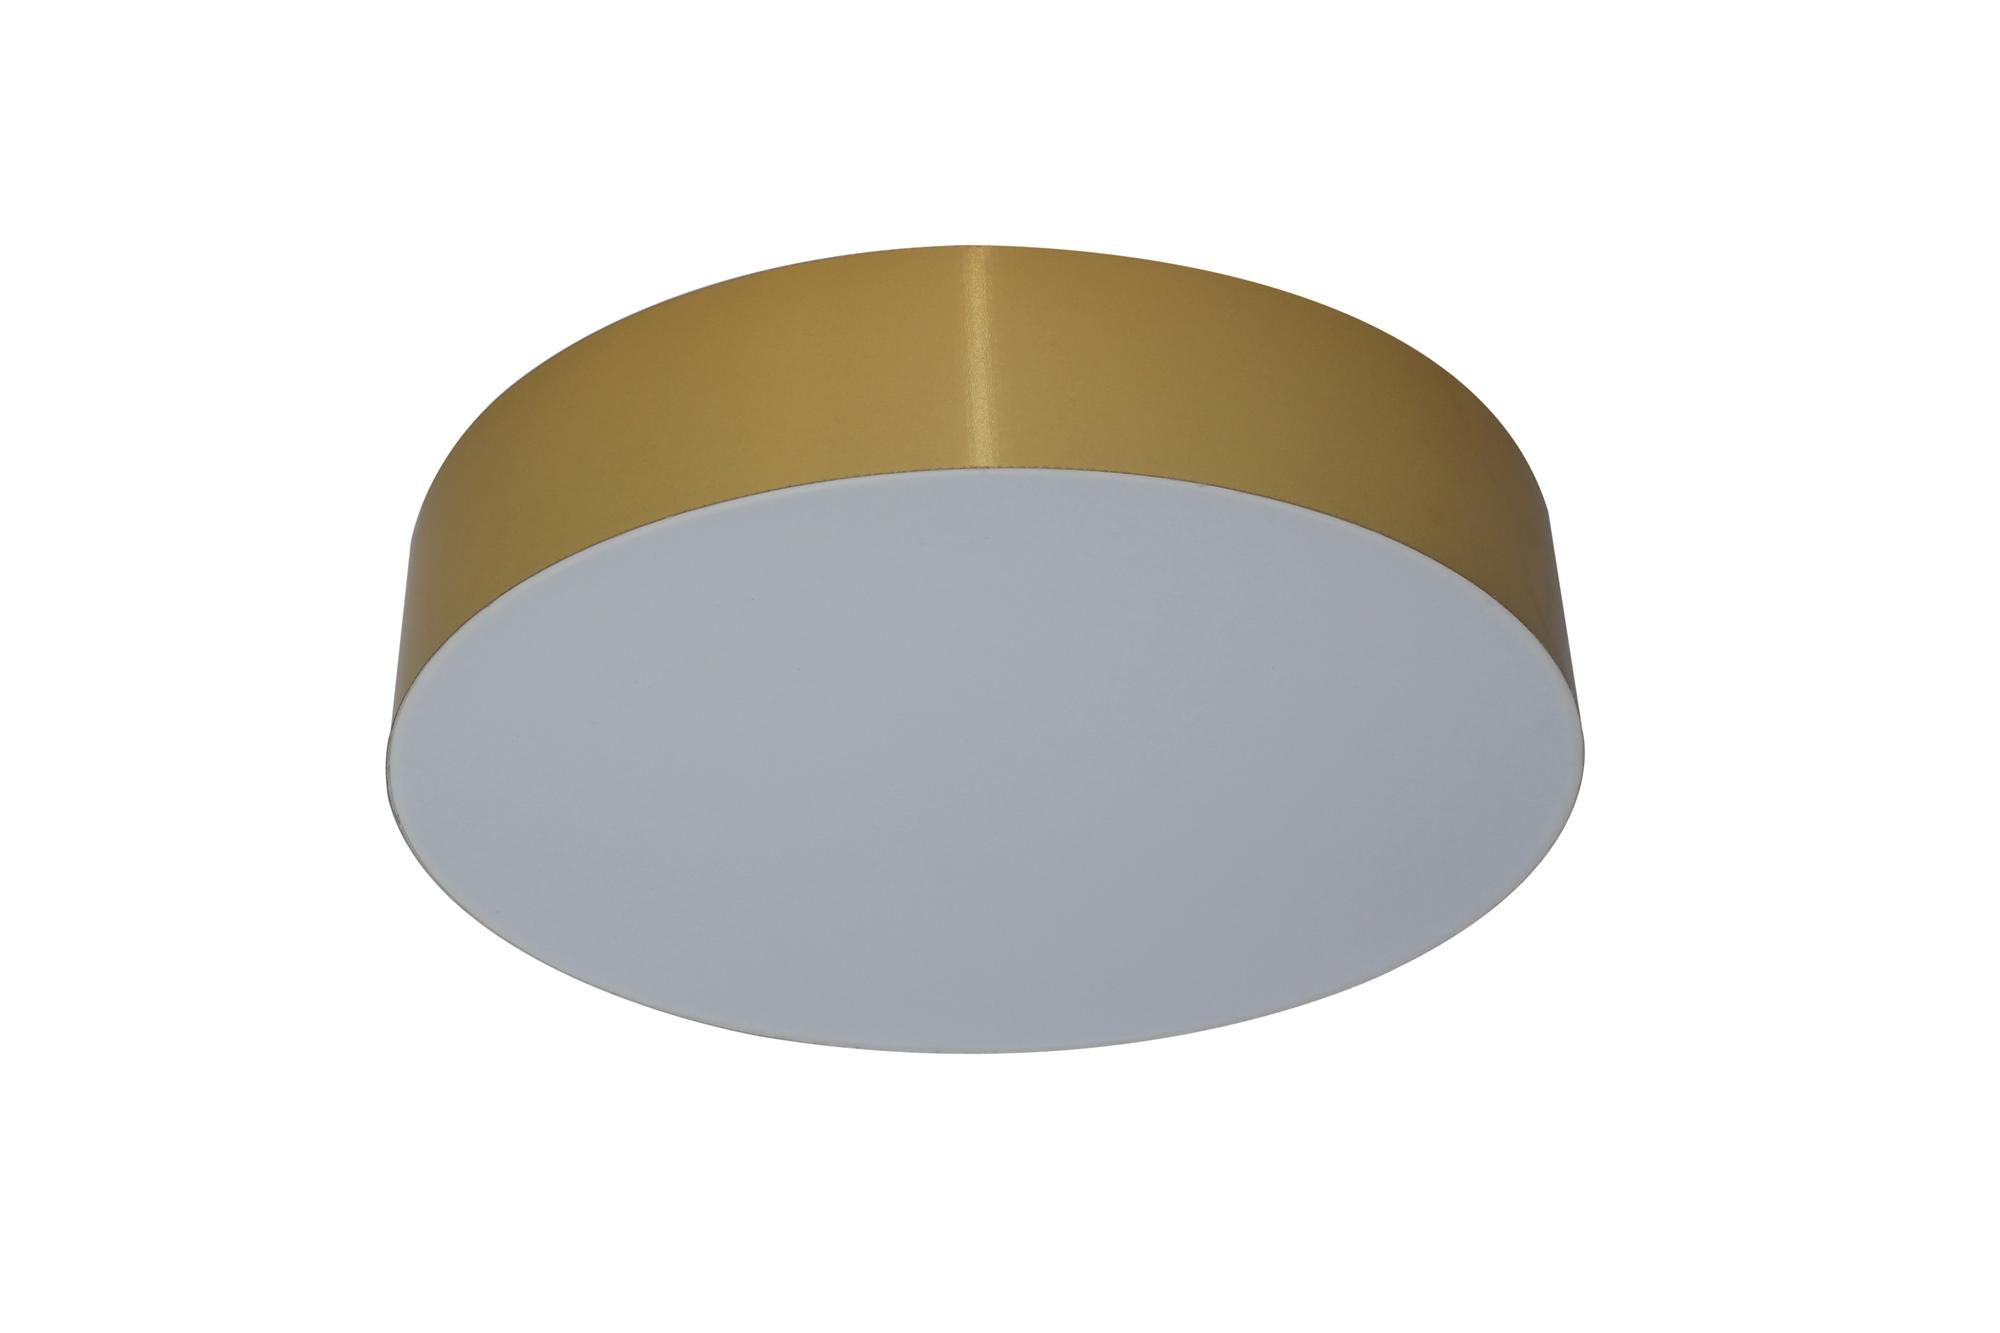 LED Lampenlux Deckenleuchte Goldy extra gold glänzend 24W 3000K Ø: 30 cm Warmweiß